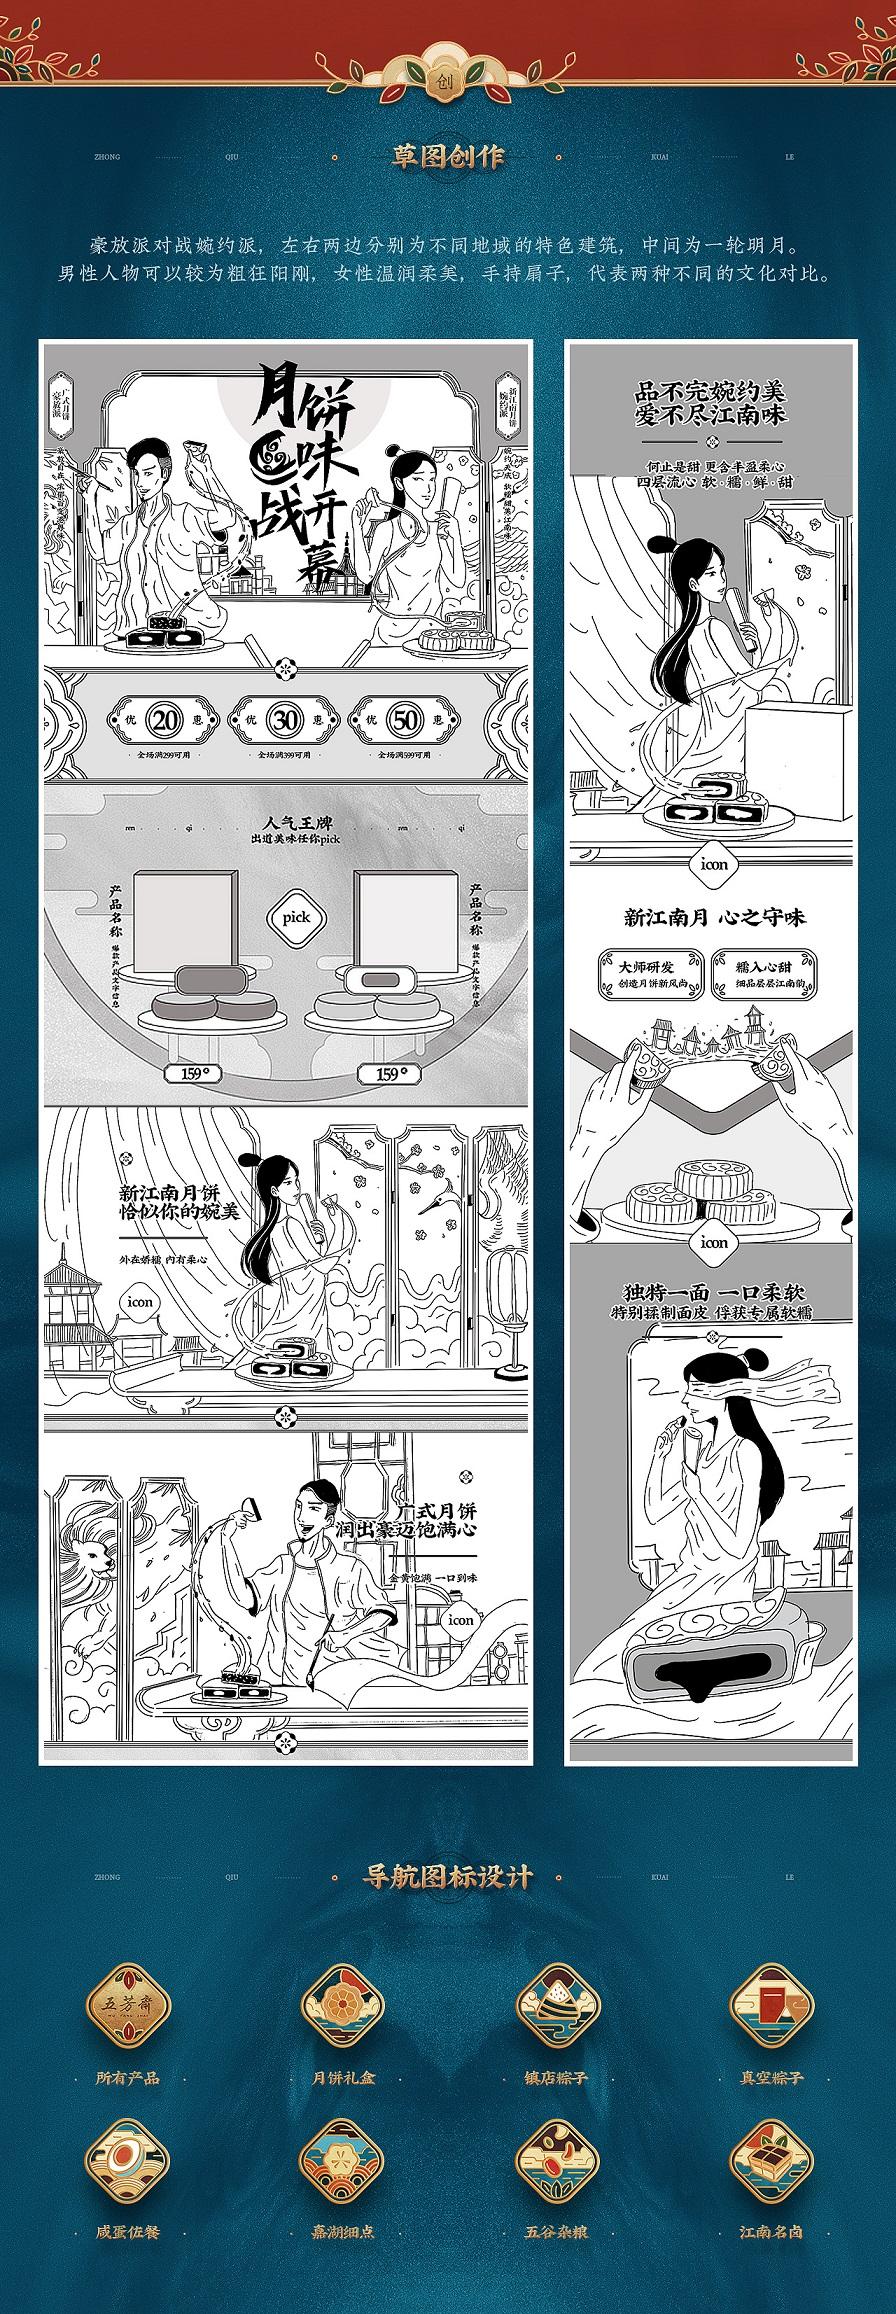 五芳斋品牌新视觉作品分享【汤臣杰逊】